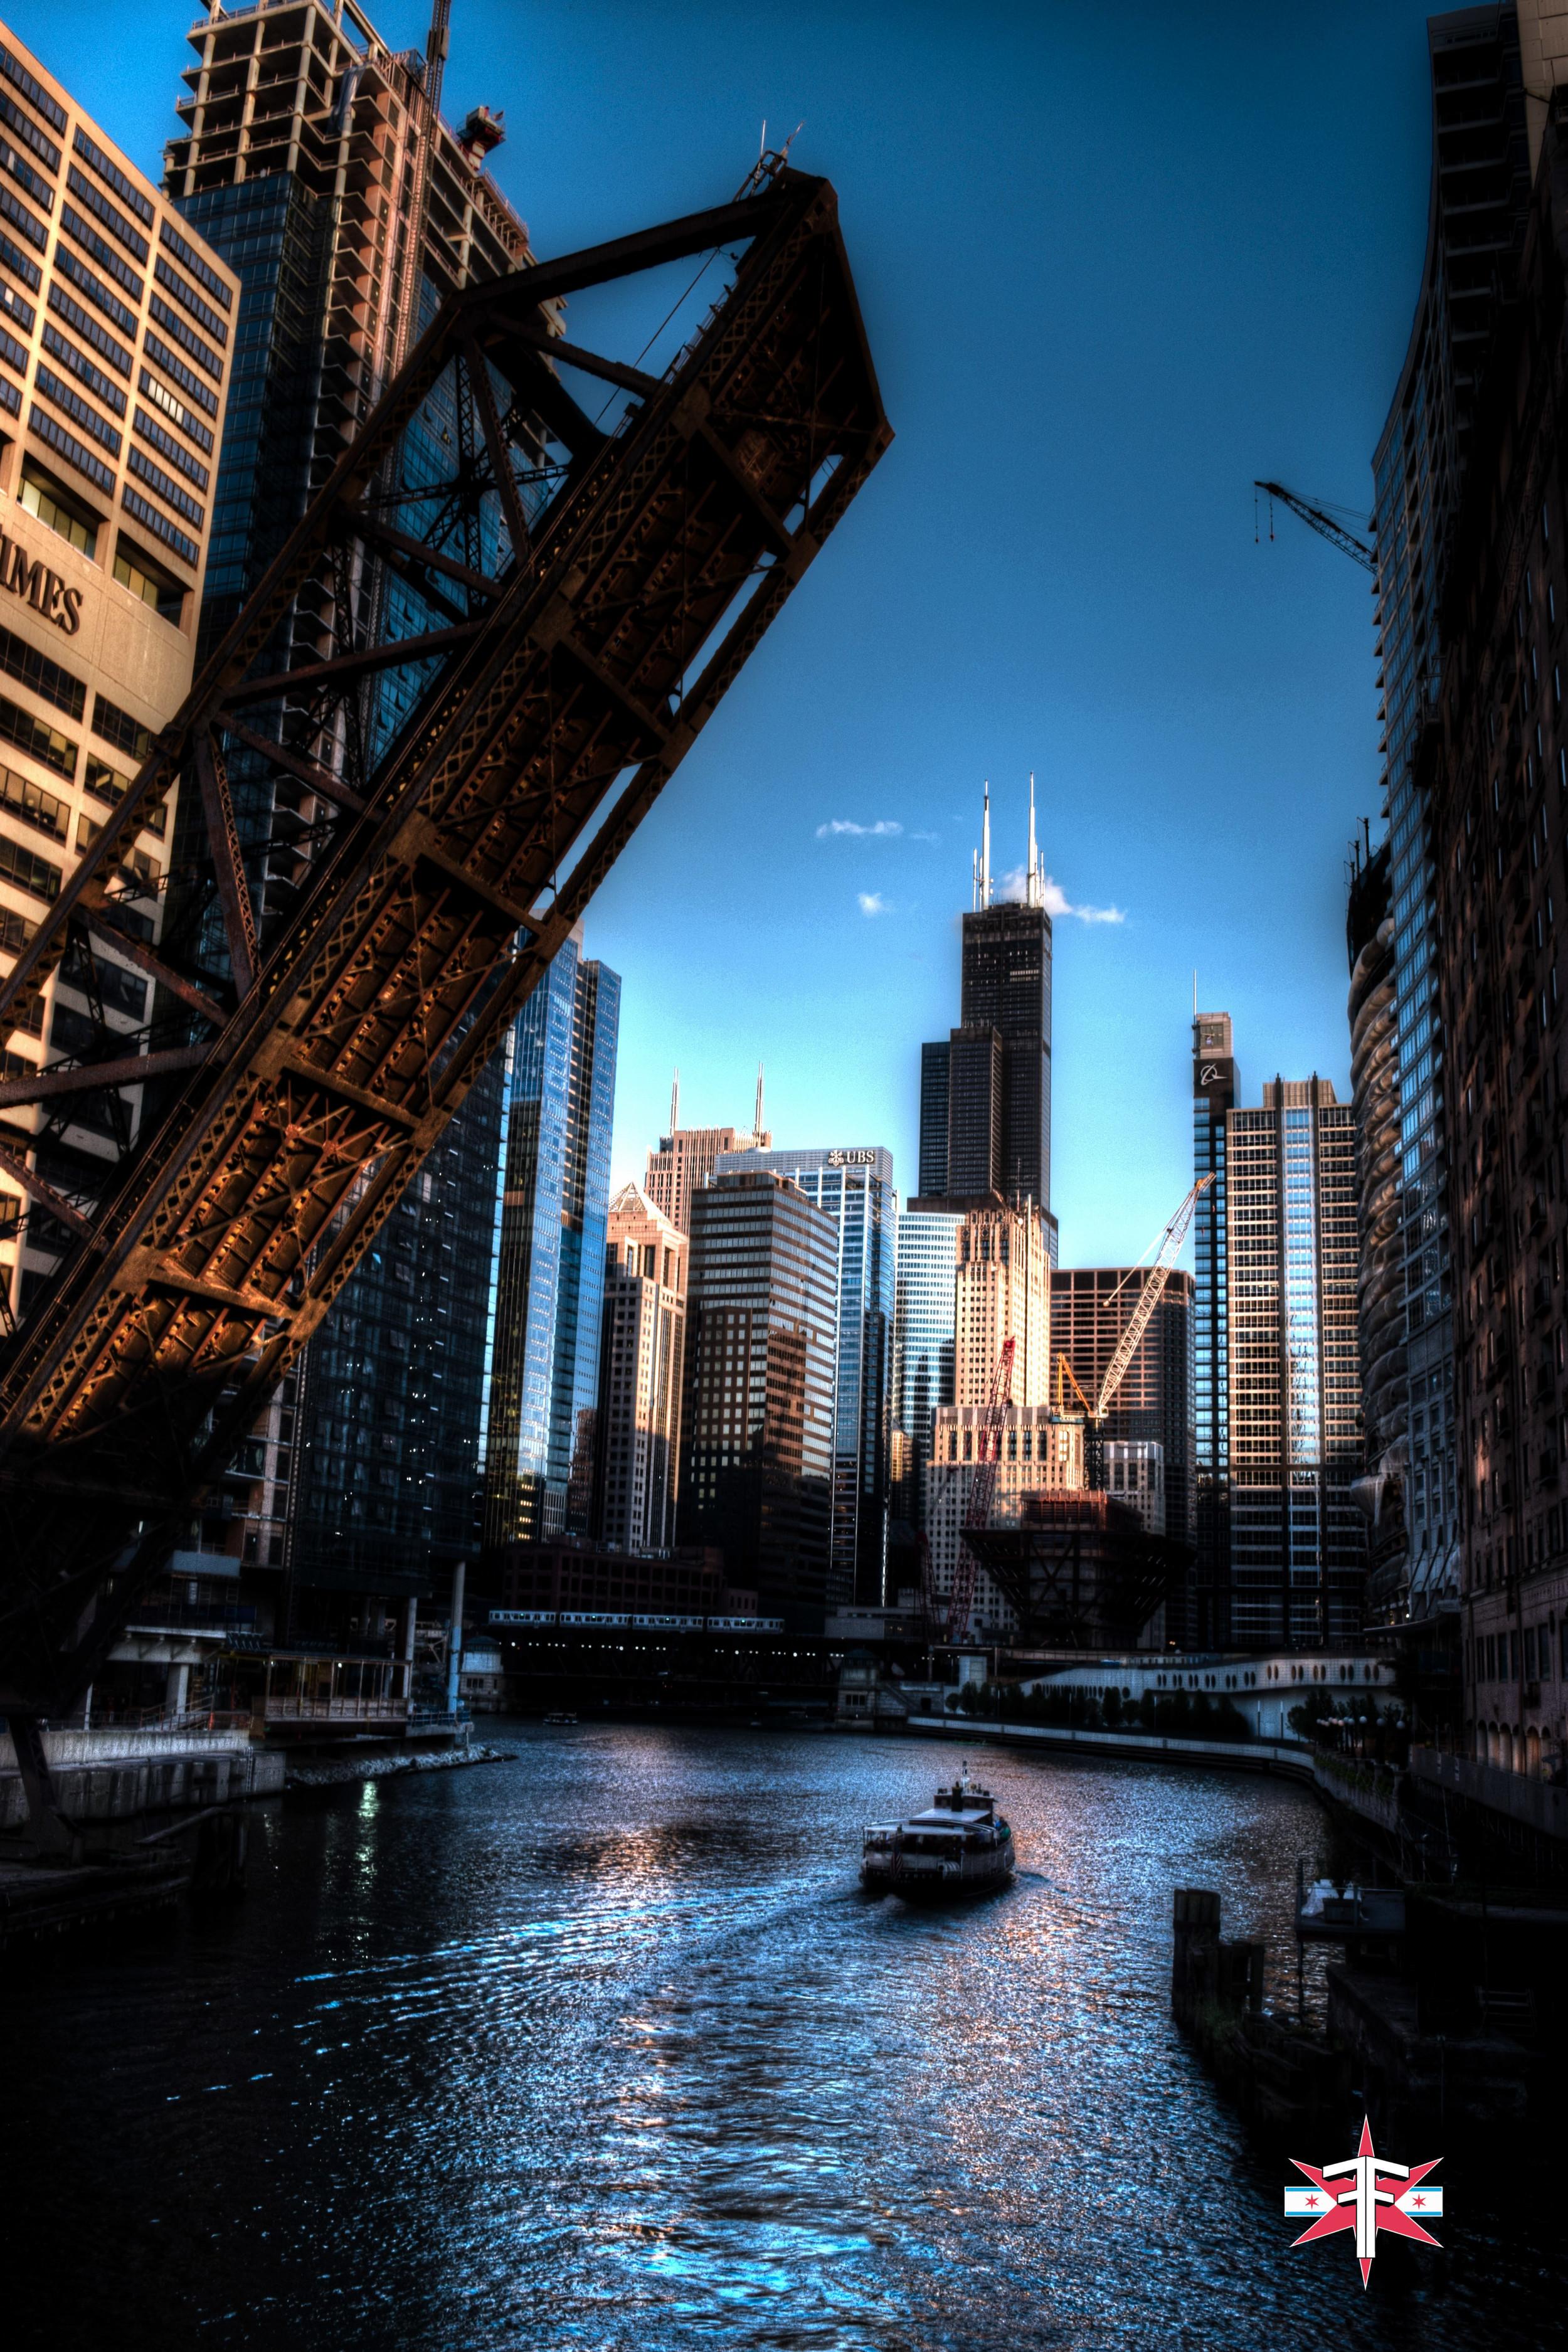 chicago art architecture eric formato photography design arquitectura architettura buildings skyscraper skyscrapers-92.jpg